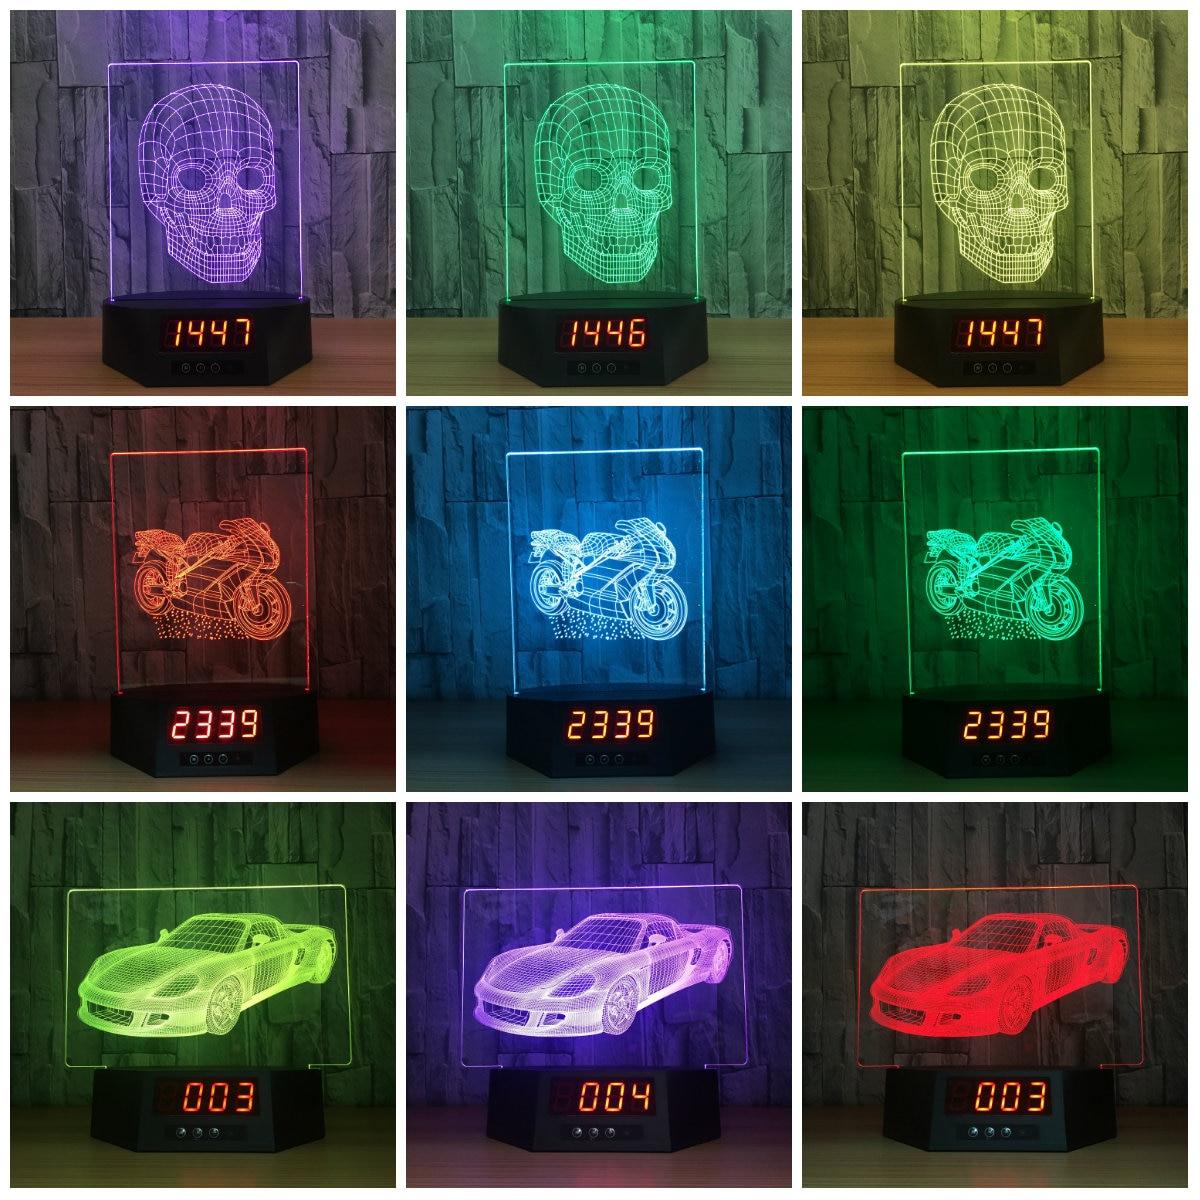 Czaszka 3D wizualne lampka nocna zegar data lampy przezroczyste akrylowe światło nocne LED Fairy Lampa zmiana koloru stół dotykowy LightingIY803991